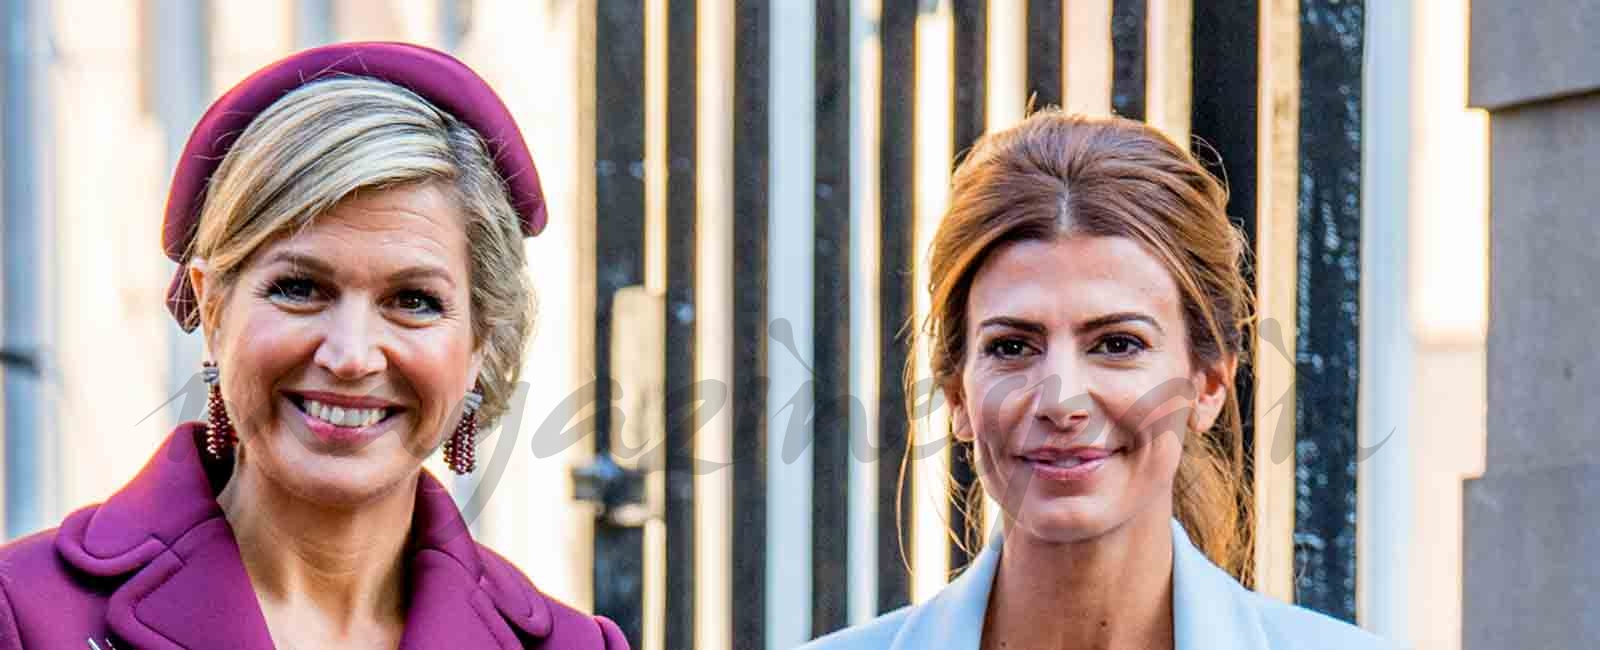 Máxima de Holanda y Juliana Awada, la elegancia de dos damas argentinas